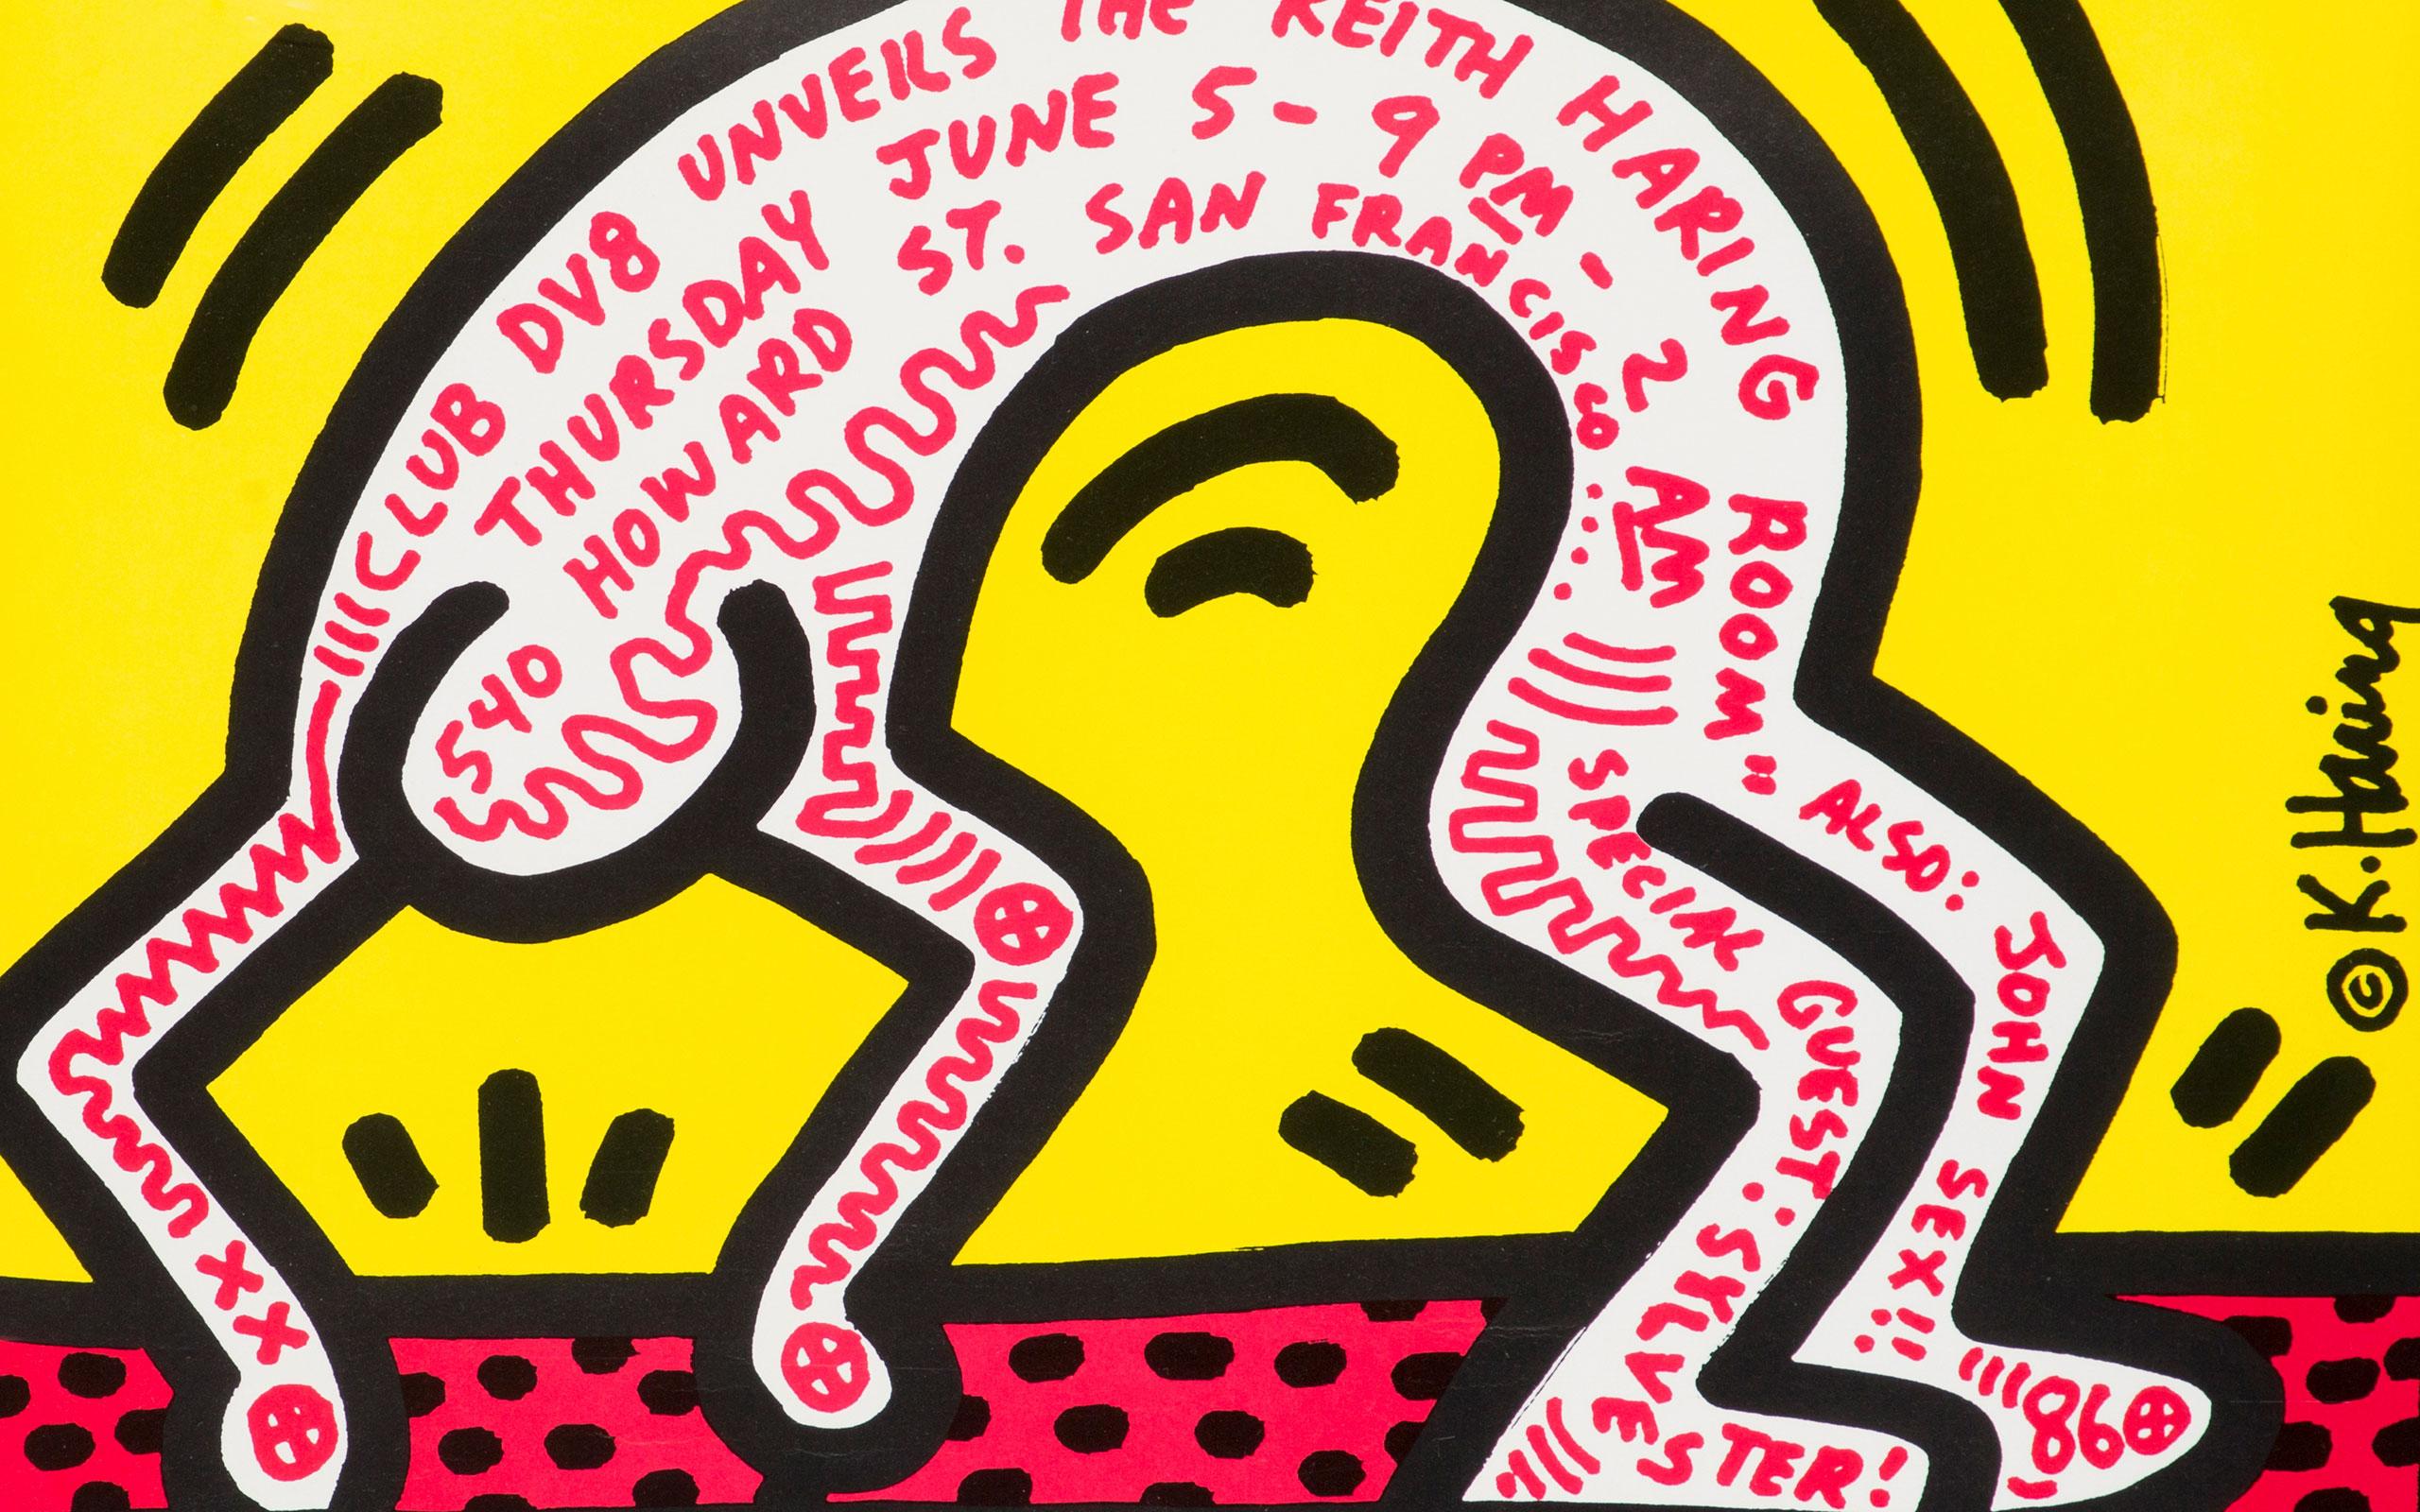 キース ヘリング生誕60周年を記念した特別展 Pop Music Street キース ヘリングが愛した街 表参道 が表参道ヒルズにて開催 News The Fashion Post